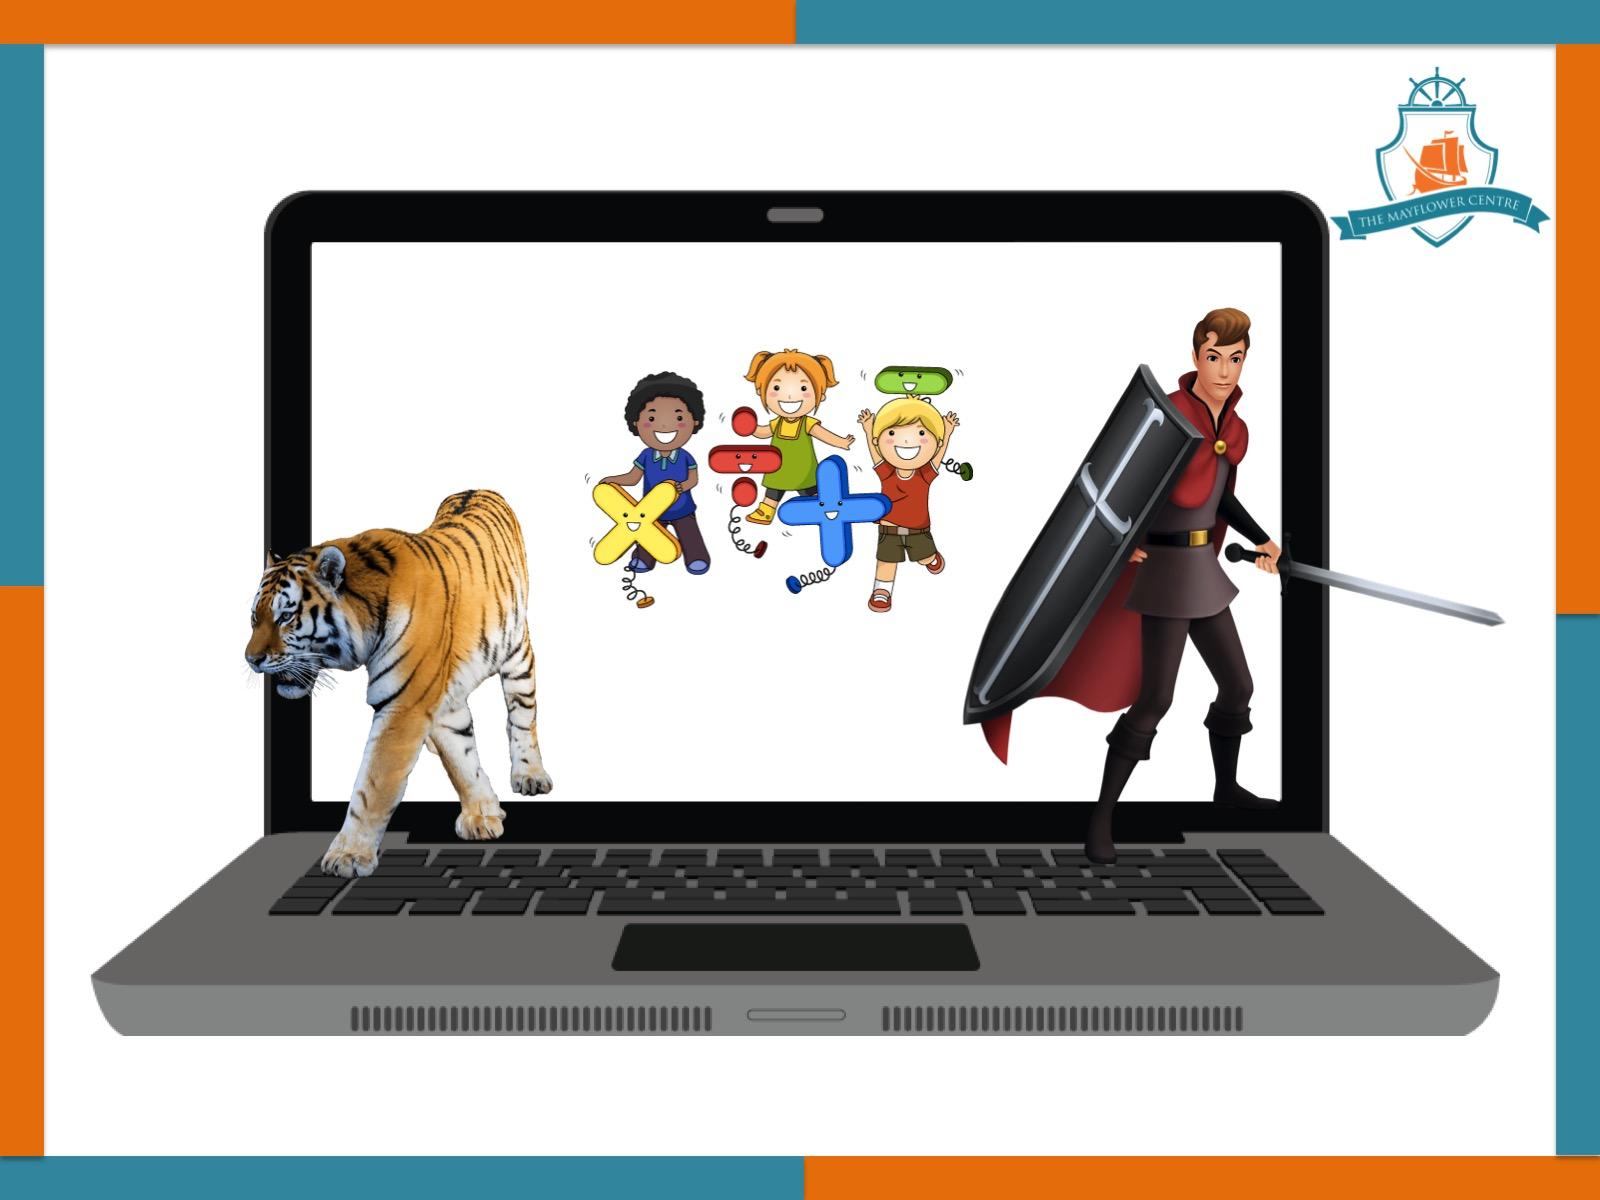 Engleza distractiva– resurse gratuite la distanta de un click